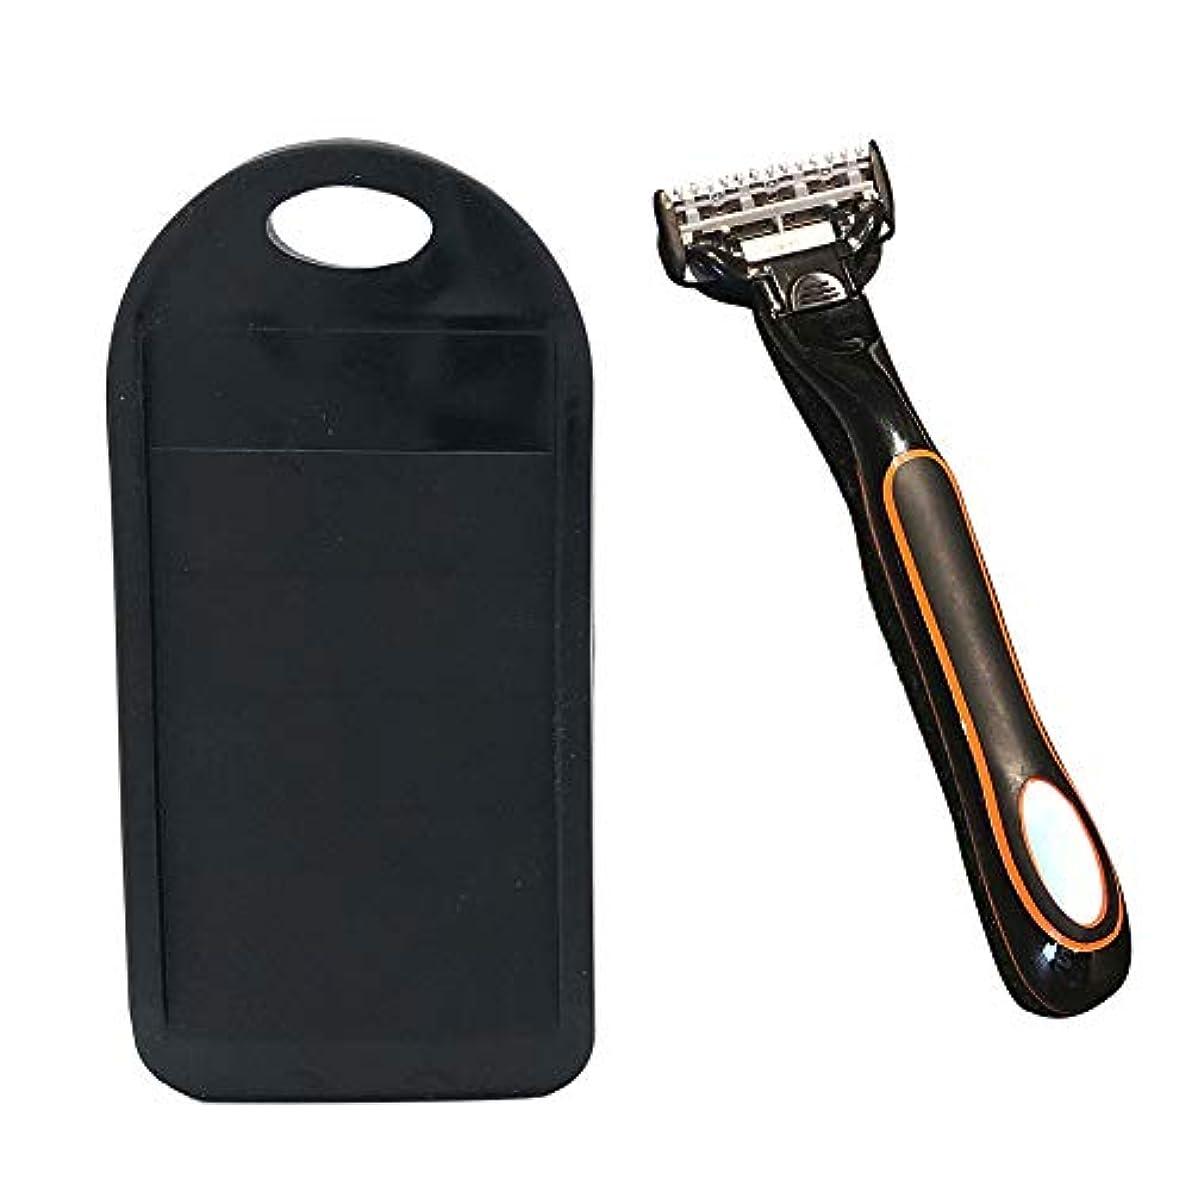 安全後量シェーバークリーナー、男性女性耐久性のある便利な手動カミソリ刃研ぎ器ユニバーサルクリーナー、カミソリ刃の寿命を延ばす